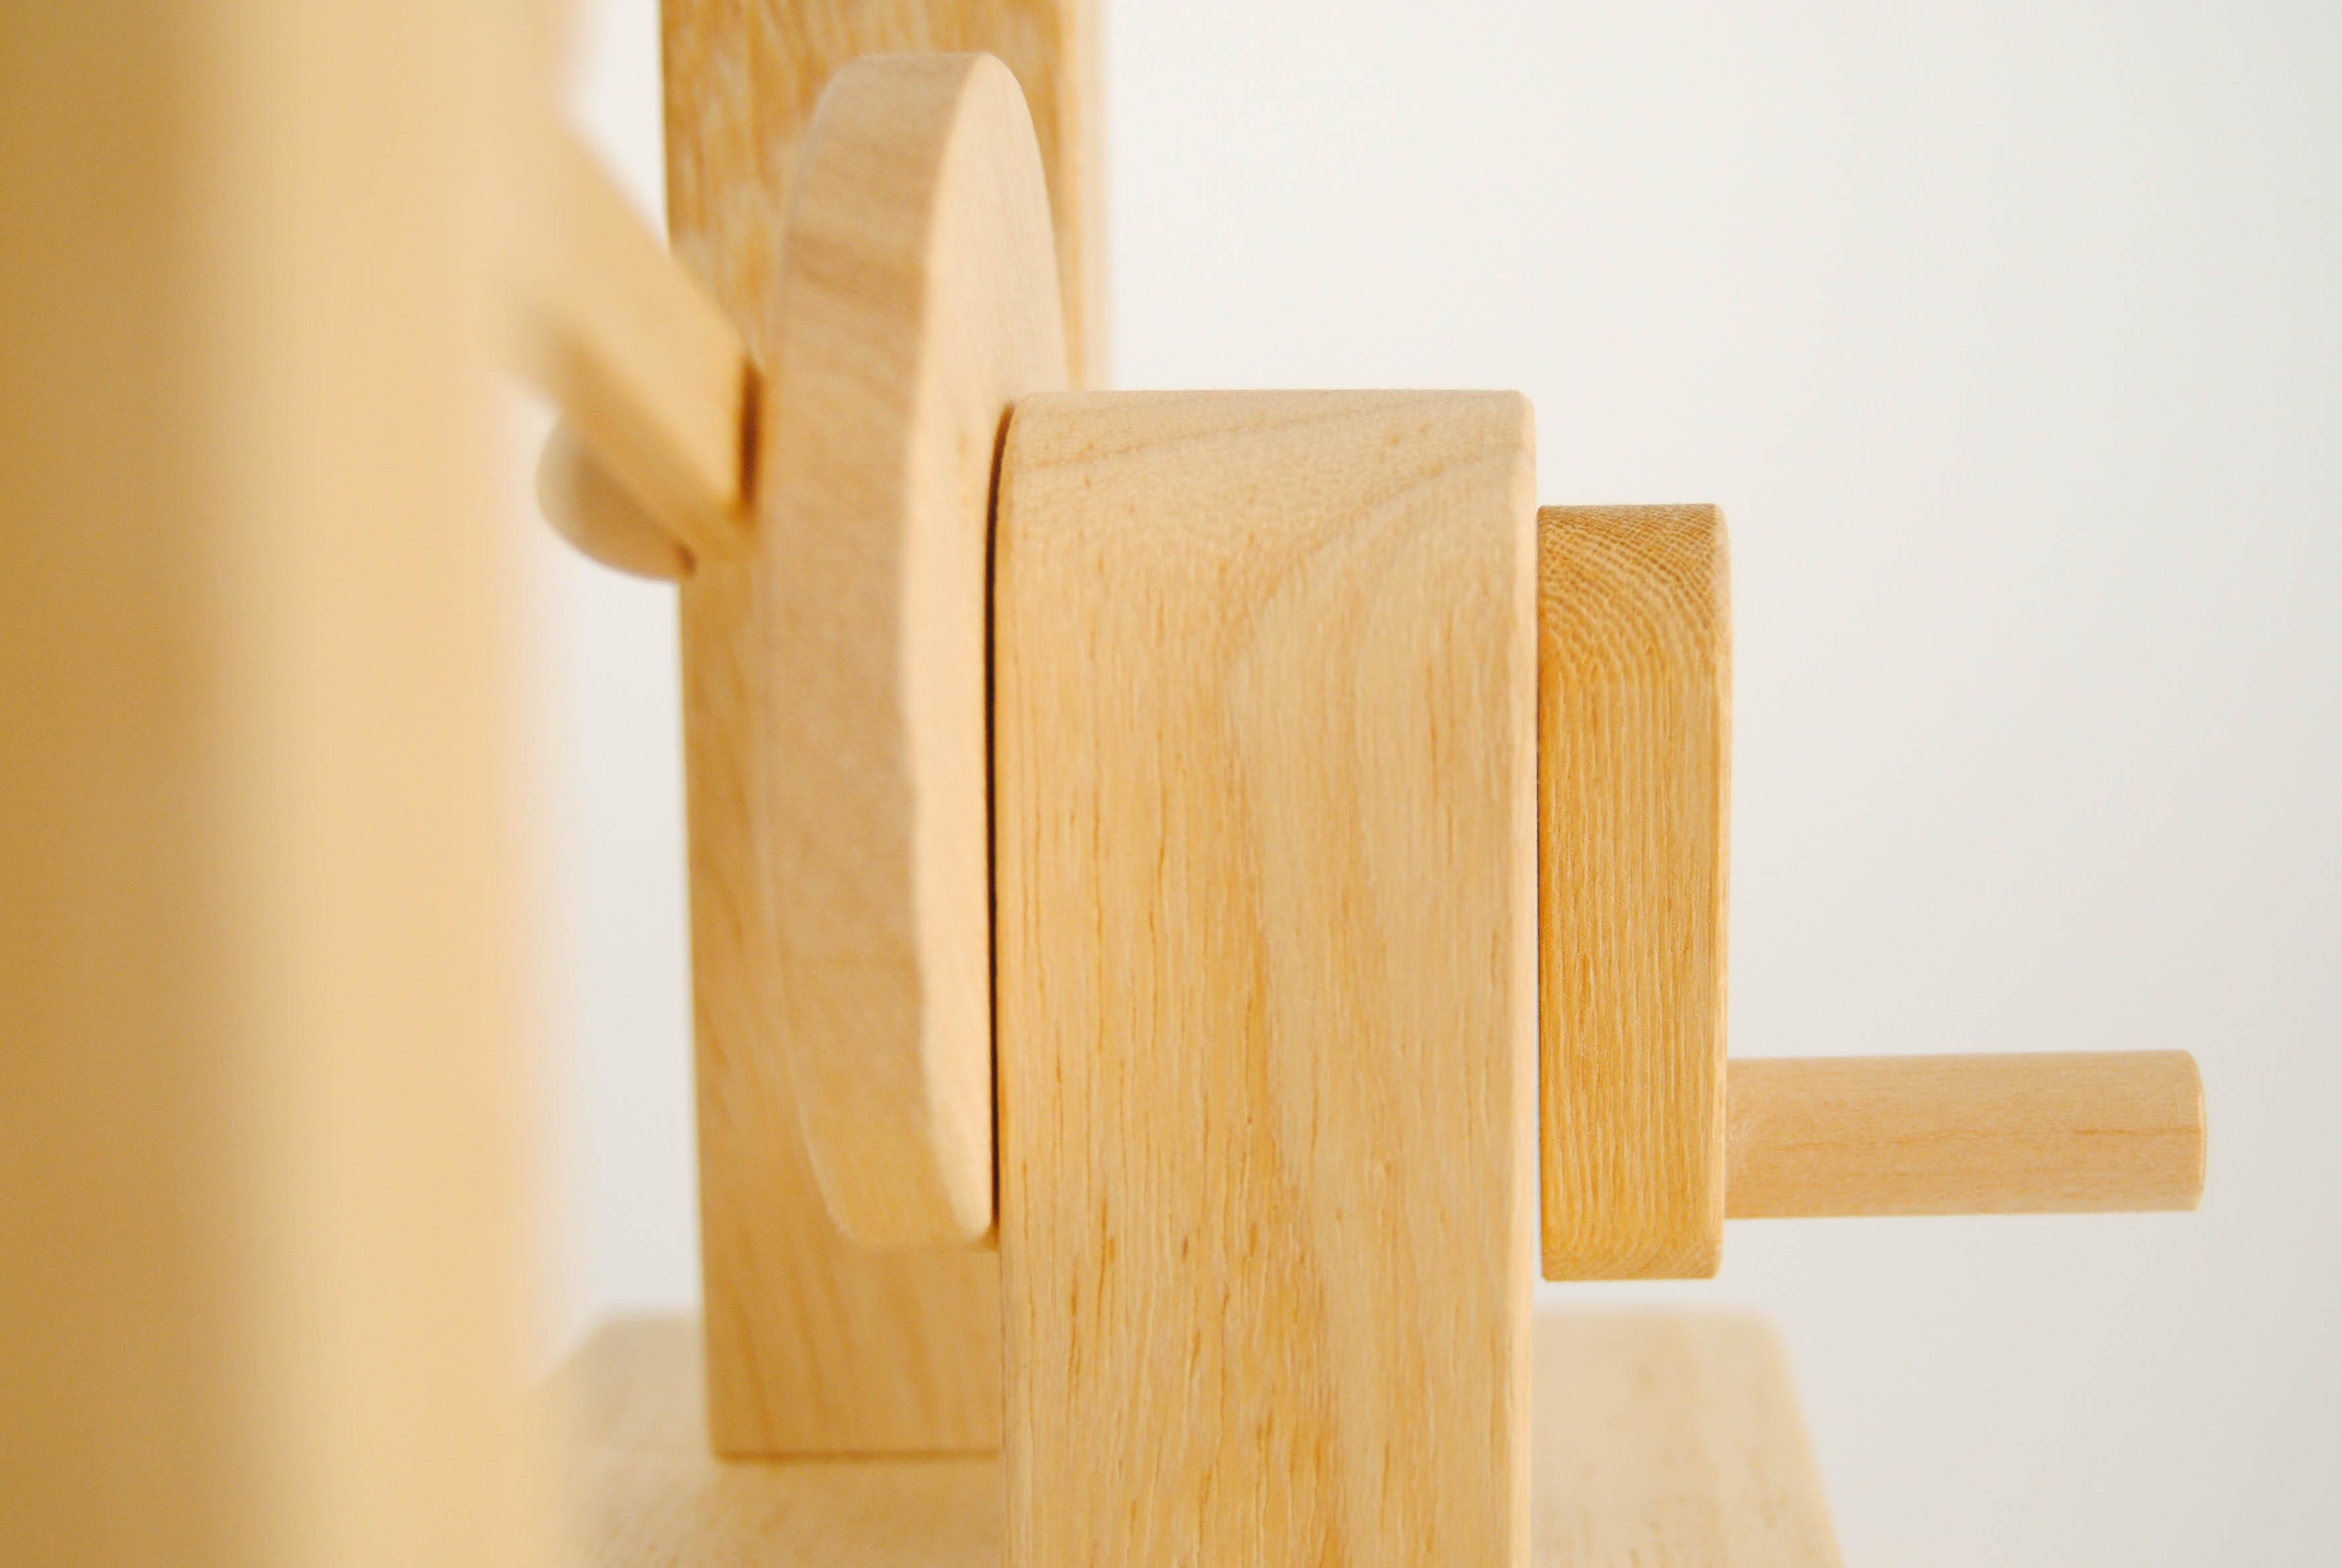 leonardo da vinci wooden toy with crank mechanism